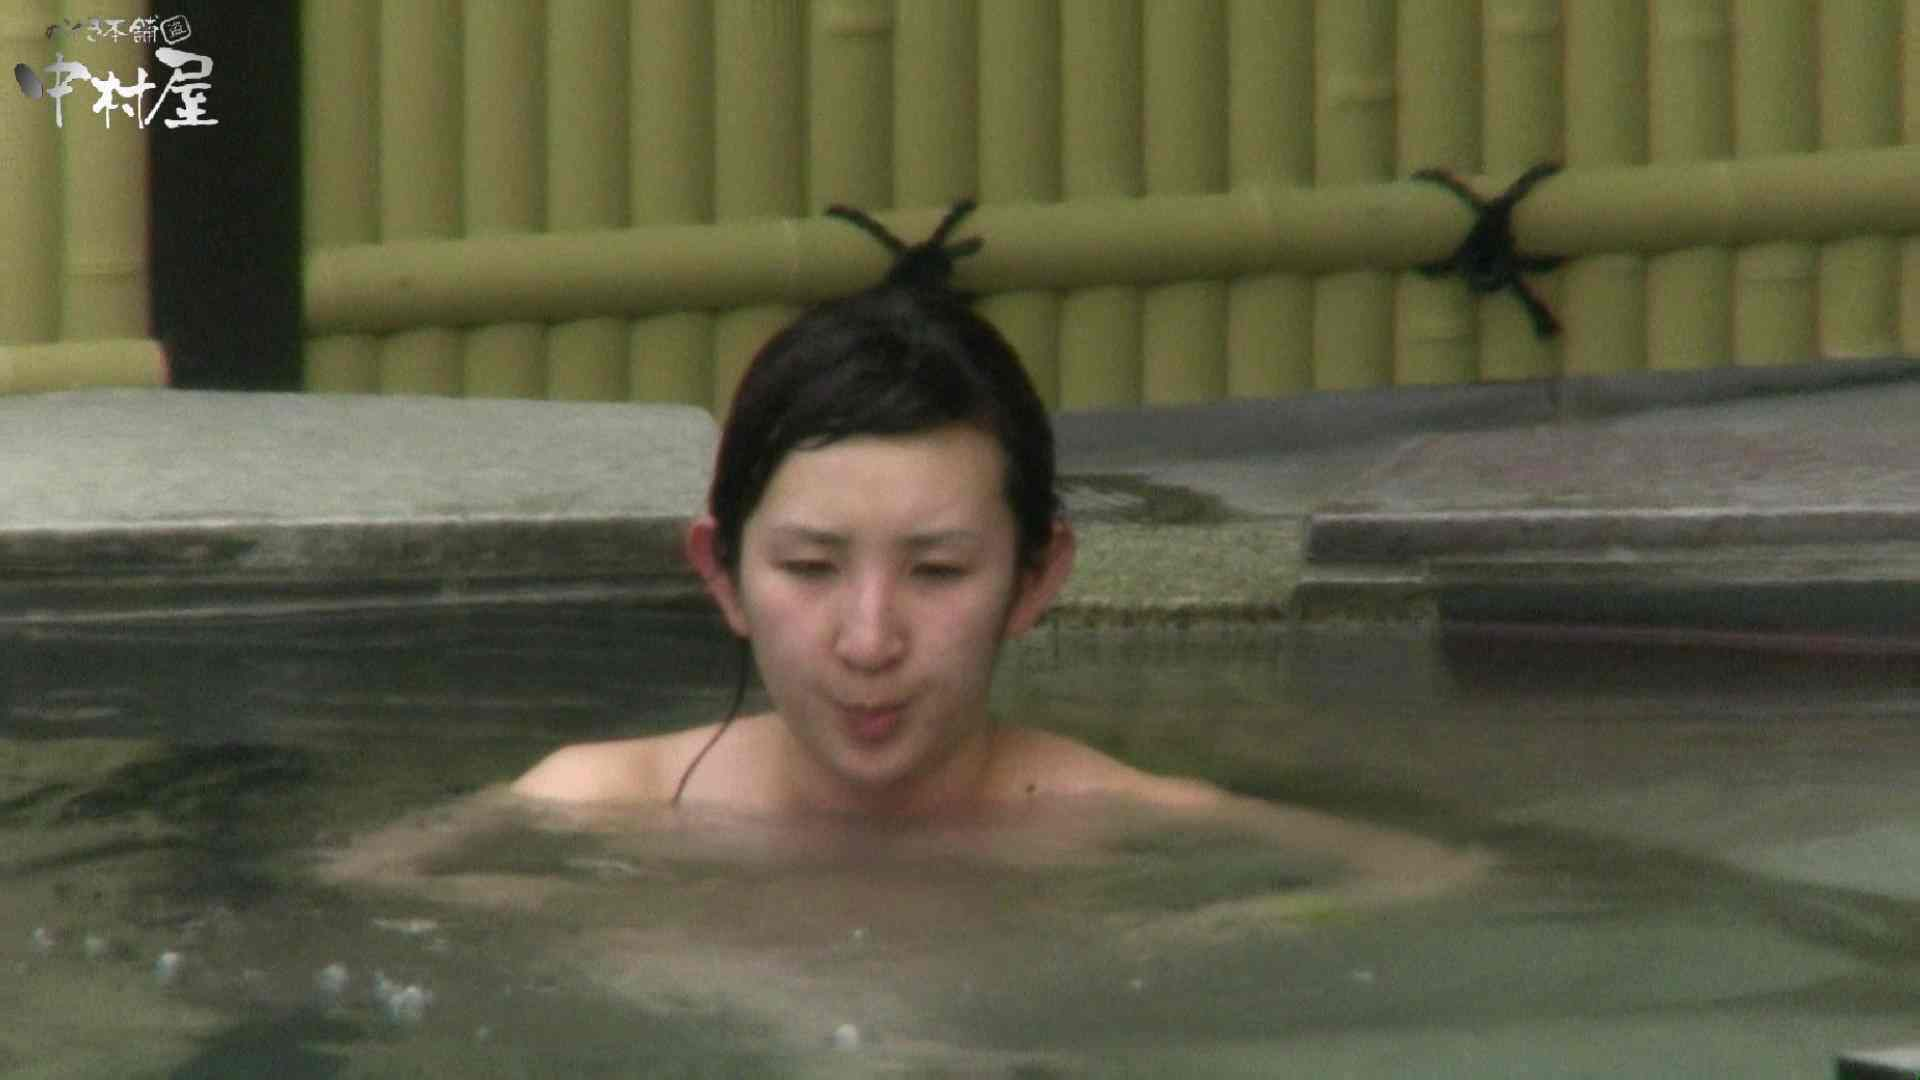 Aquaな露天風呂Vol.948 盗撮師作品 おめこ無修正画像 72pic 47